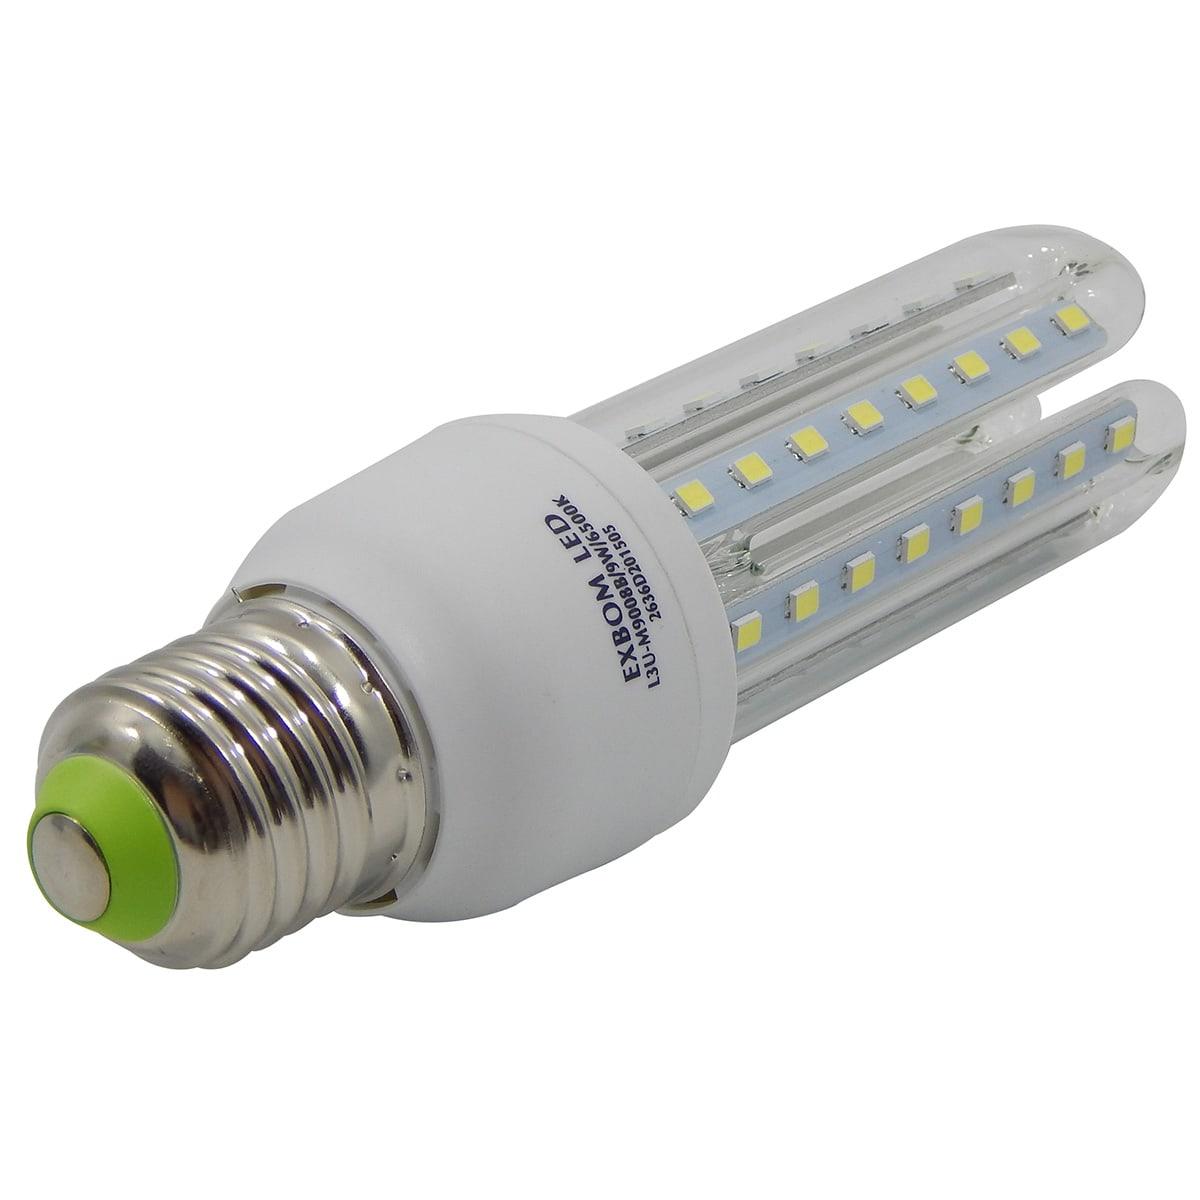 Lampada LED 3U/9W/E27/6500K Exbom L3U-M900B